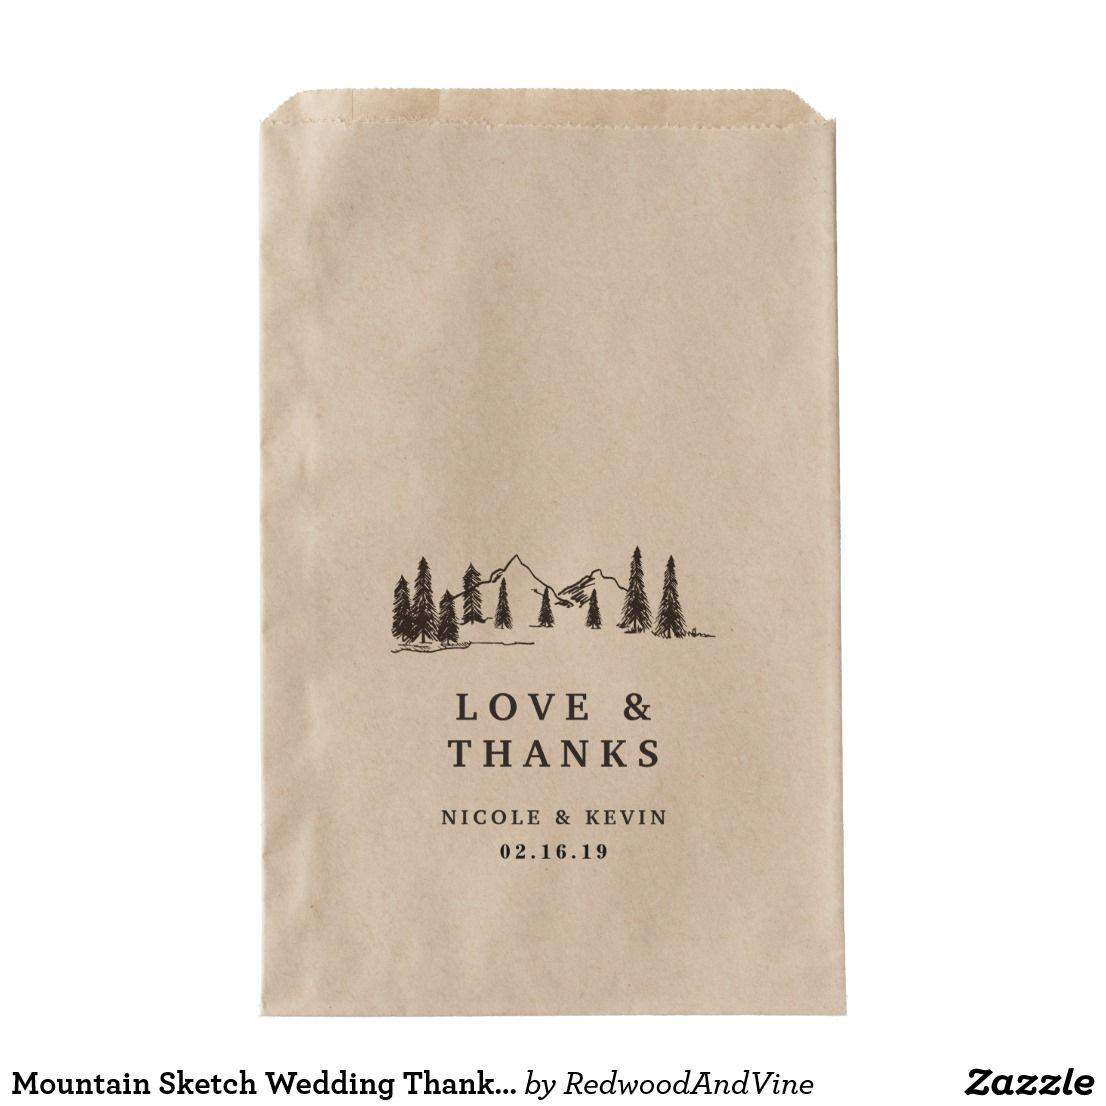 Mountain Sketch Wedding Thank You Favor Bag | Mountain sketch, Favor ...